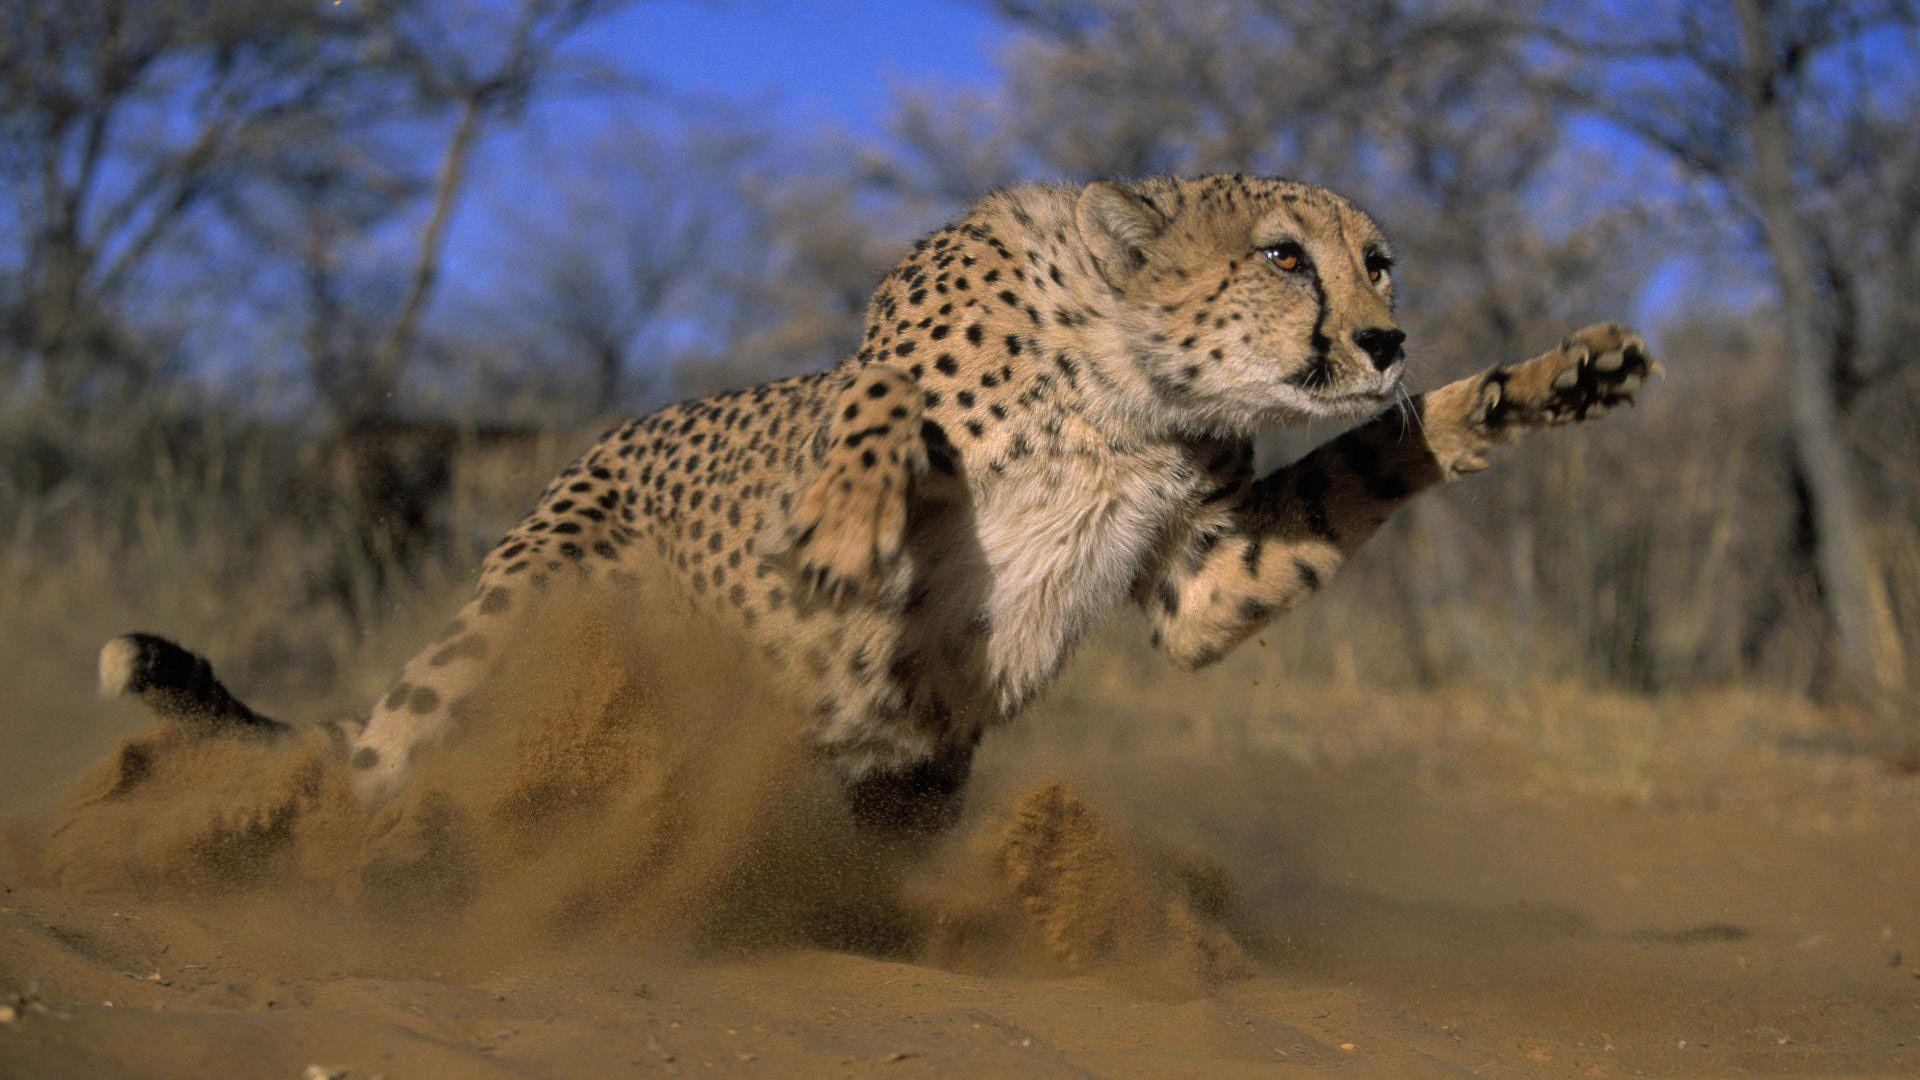 Running Cheetah Photo